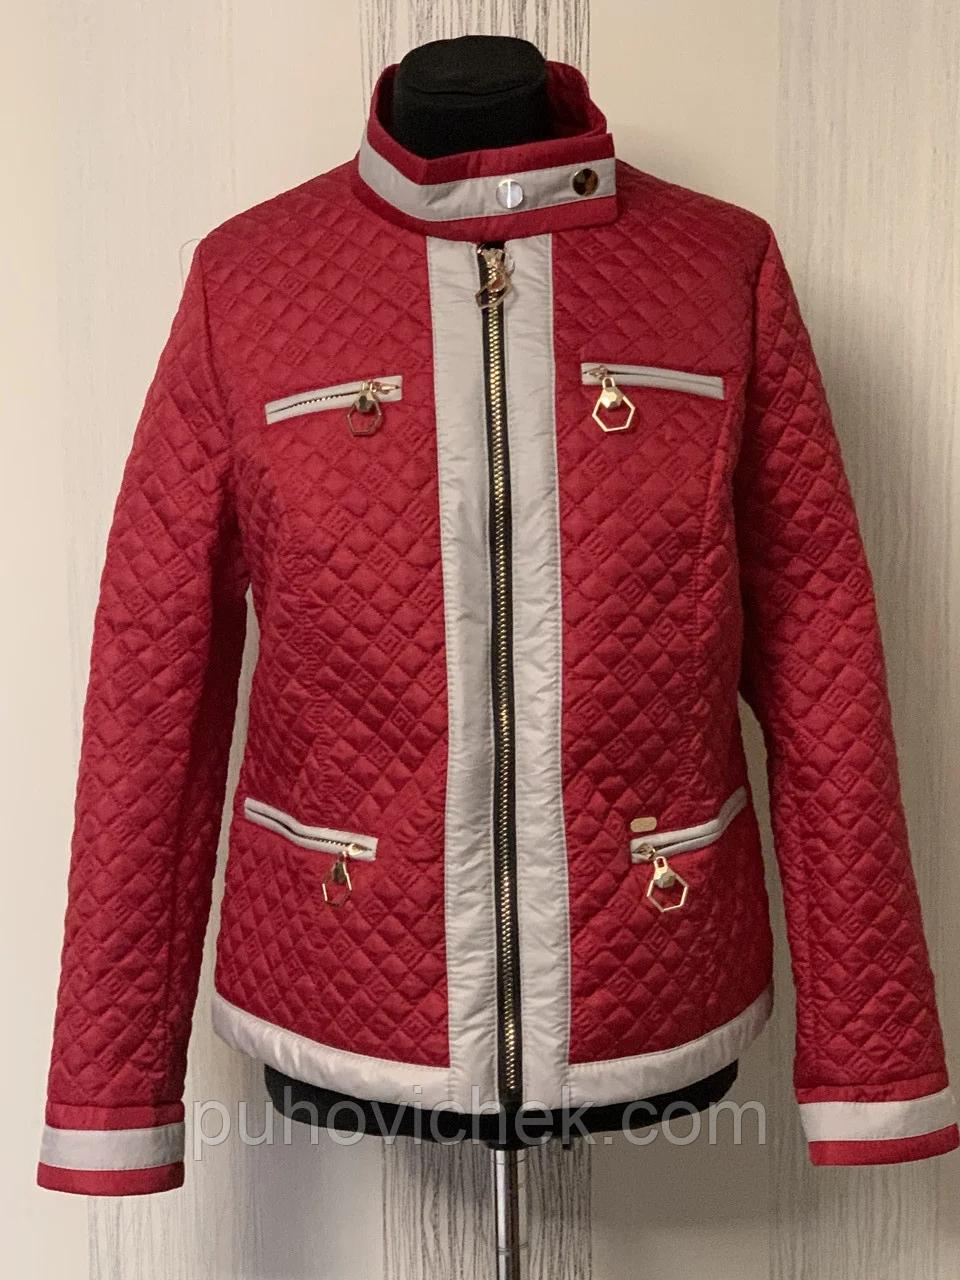 Стильная курточка женская весенняя интернет магазин размеры 46-62